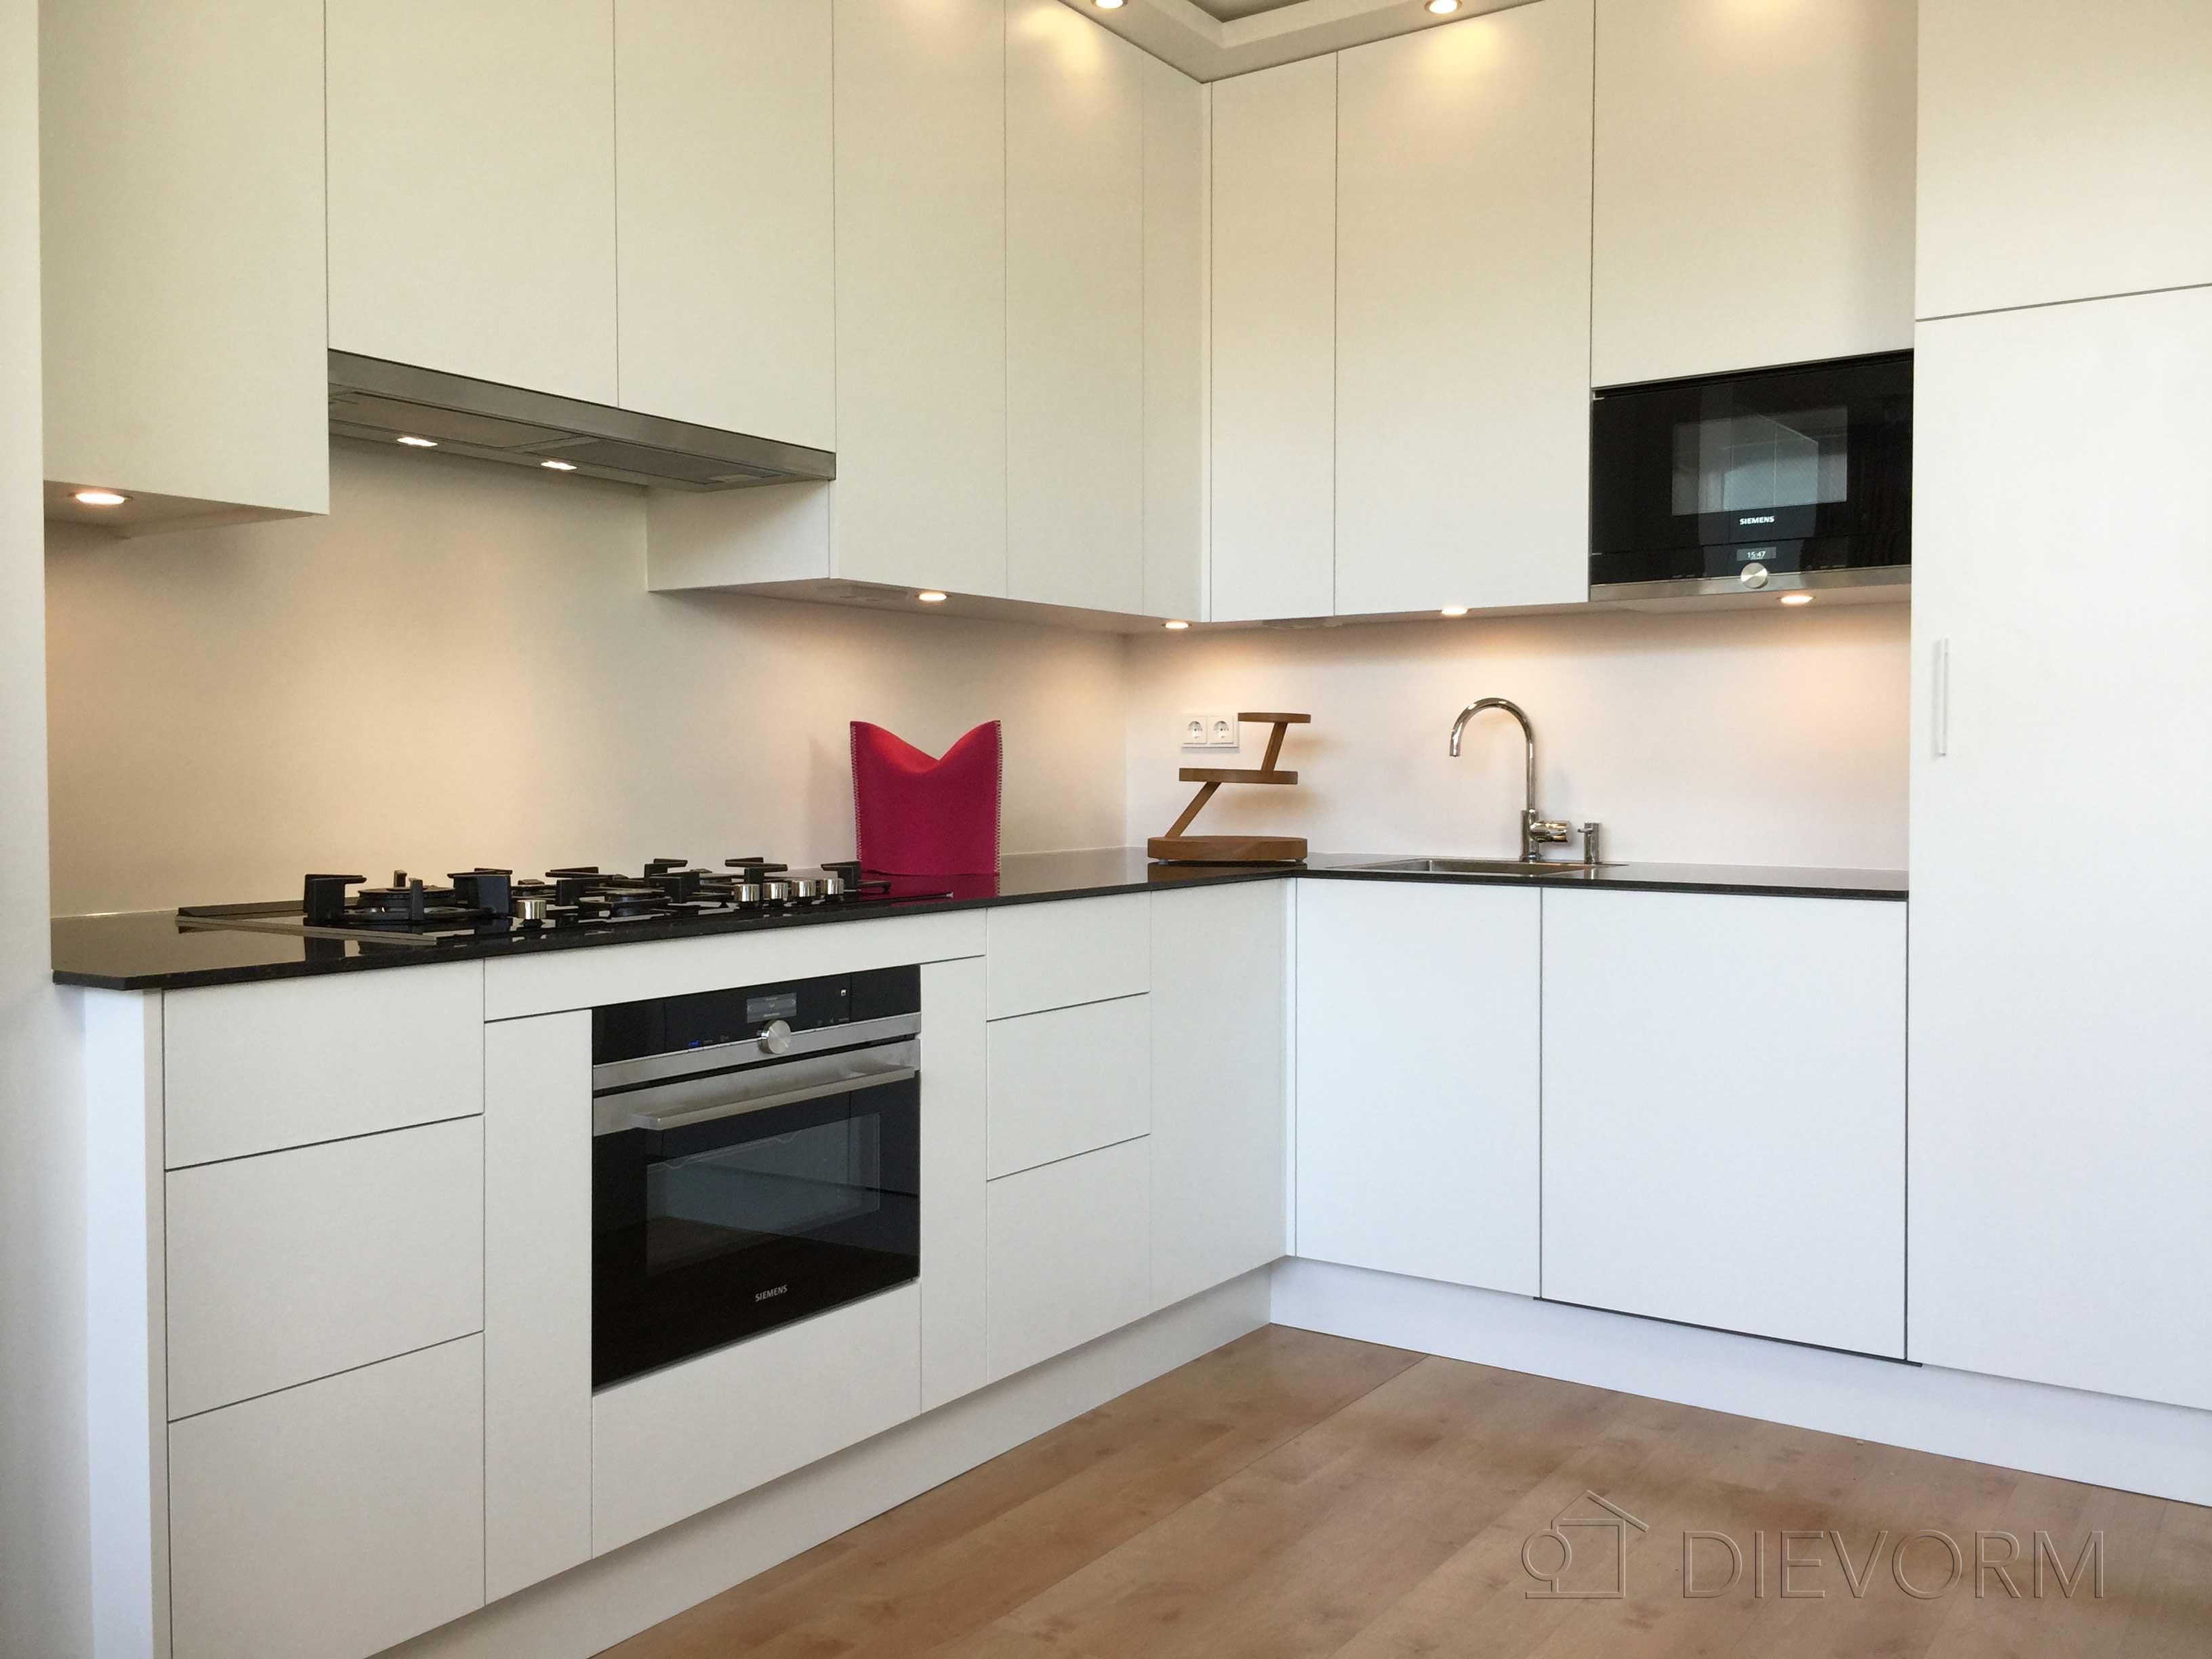 L Vorm Keuken : Design hoek keukens dievorm